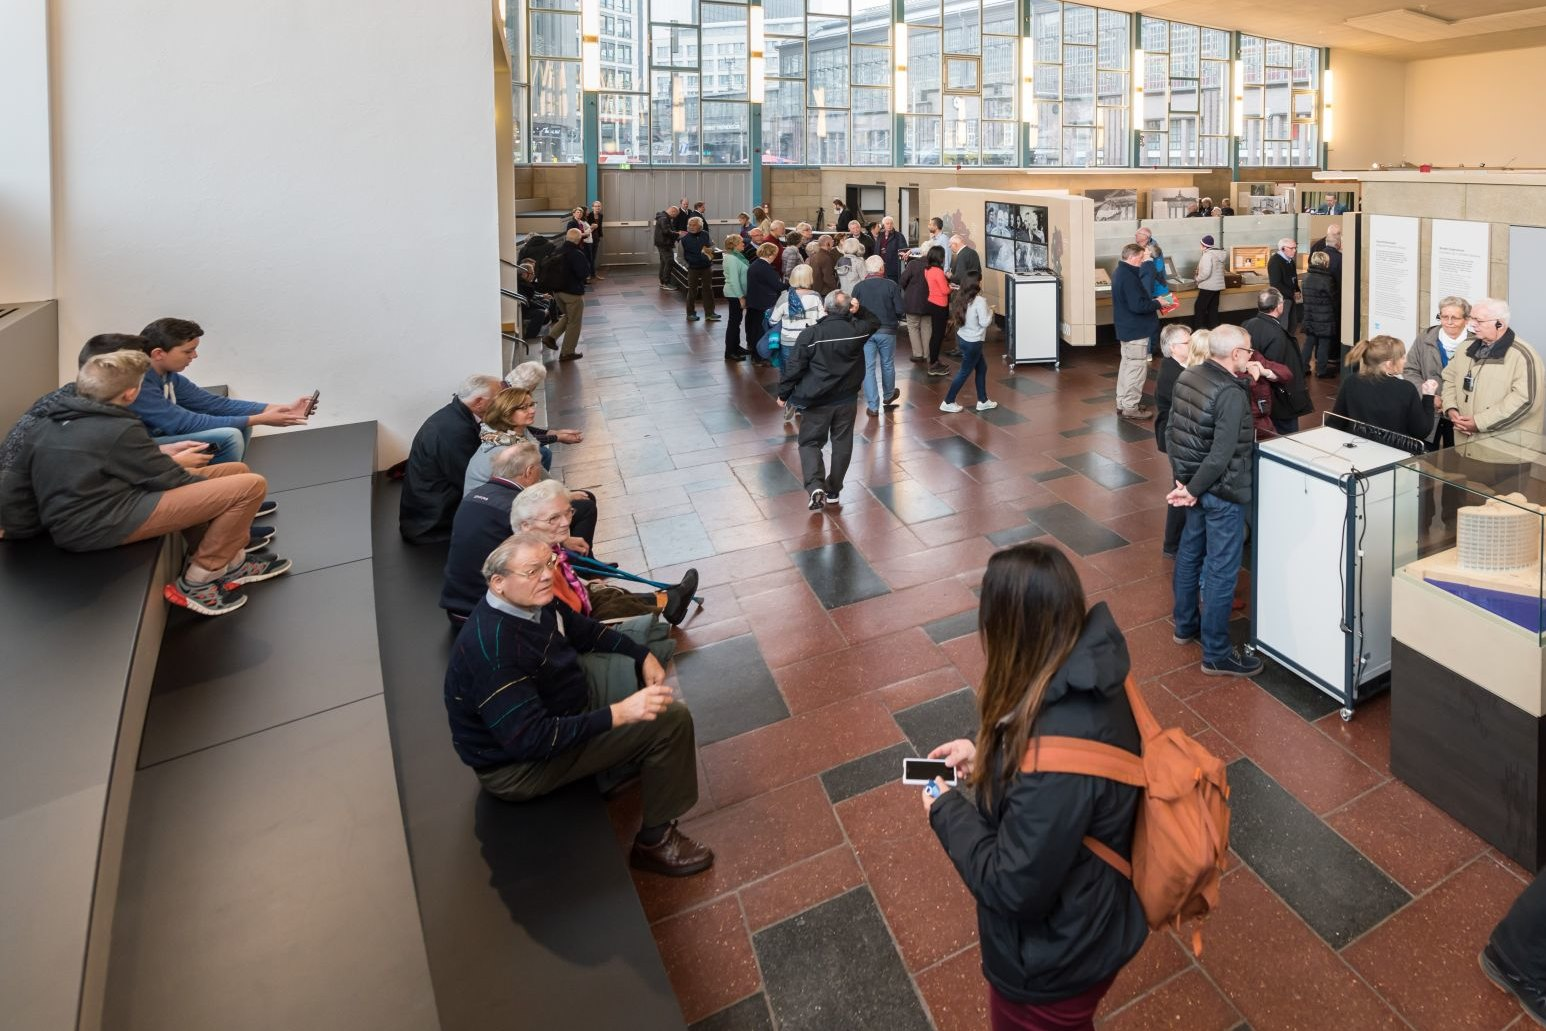 Großer Raumeindruck des Tränenpalastes mit vielen Besuchern, durch die große Glasfront ist der Bahnhof Friedrichstraße zu sehen